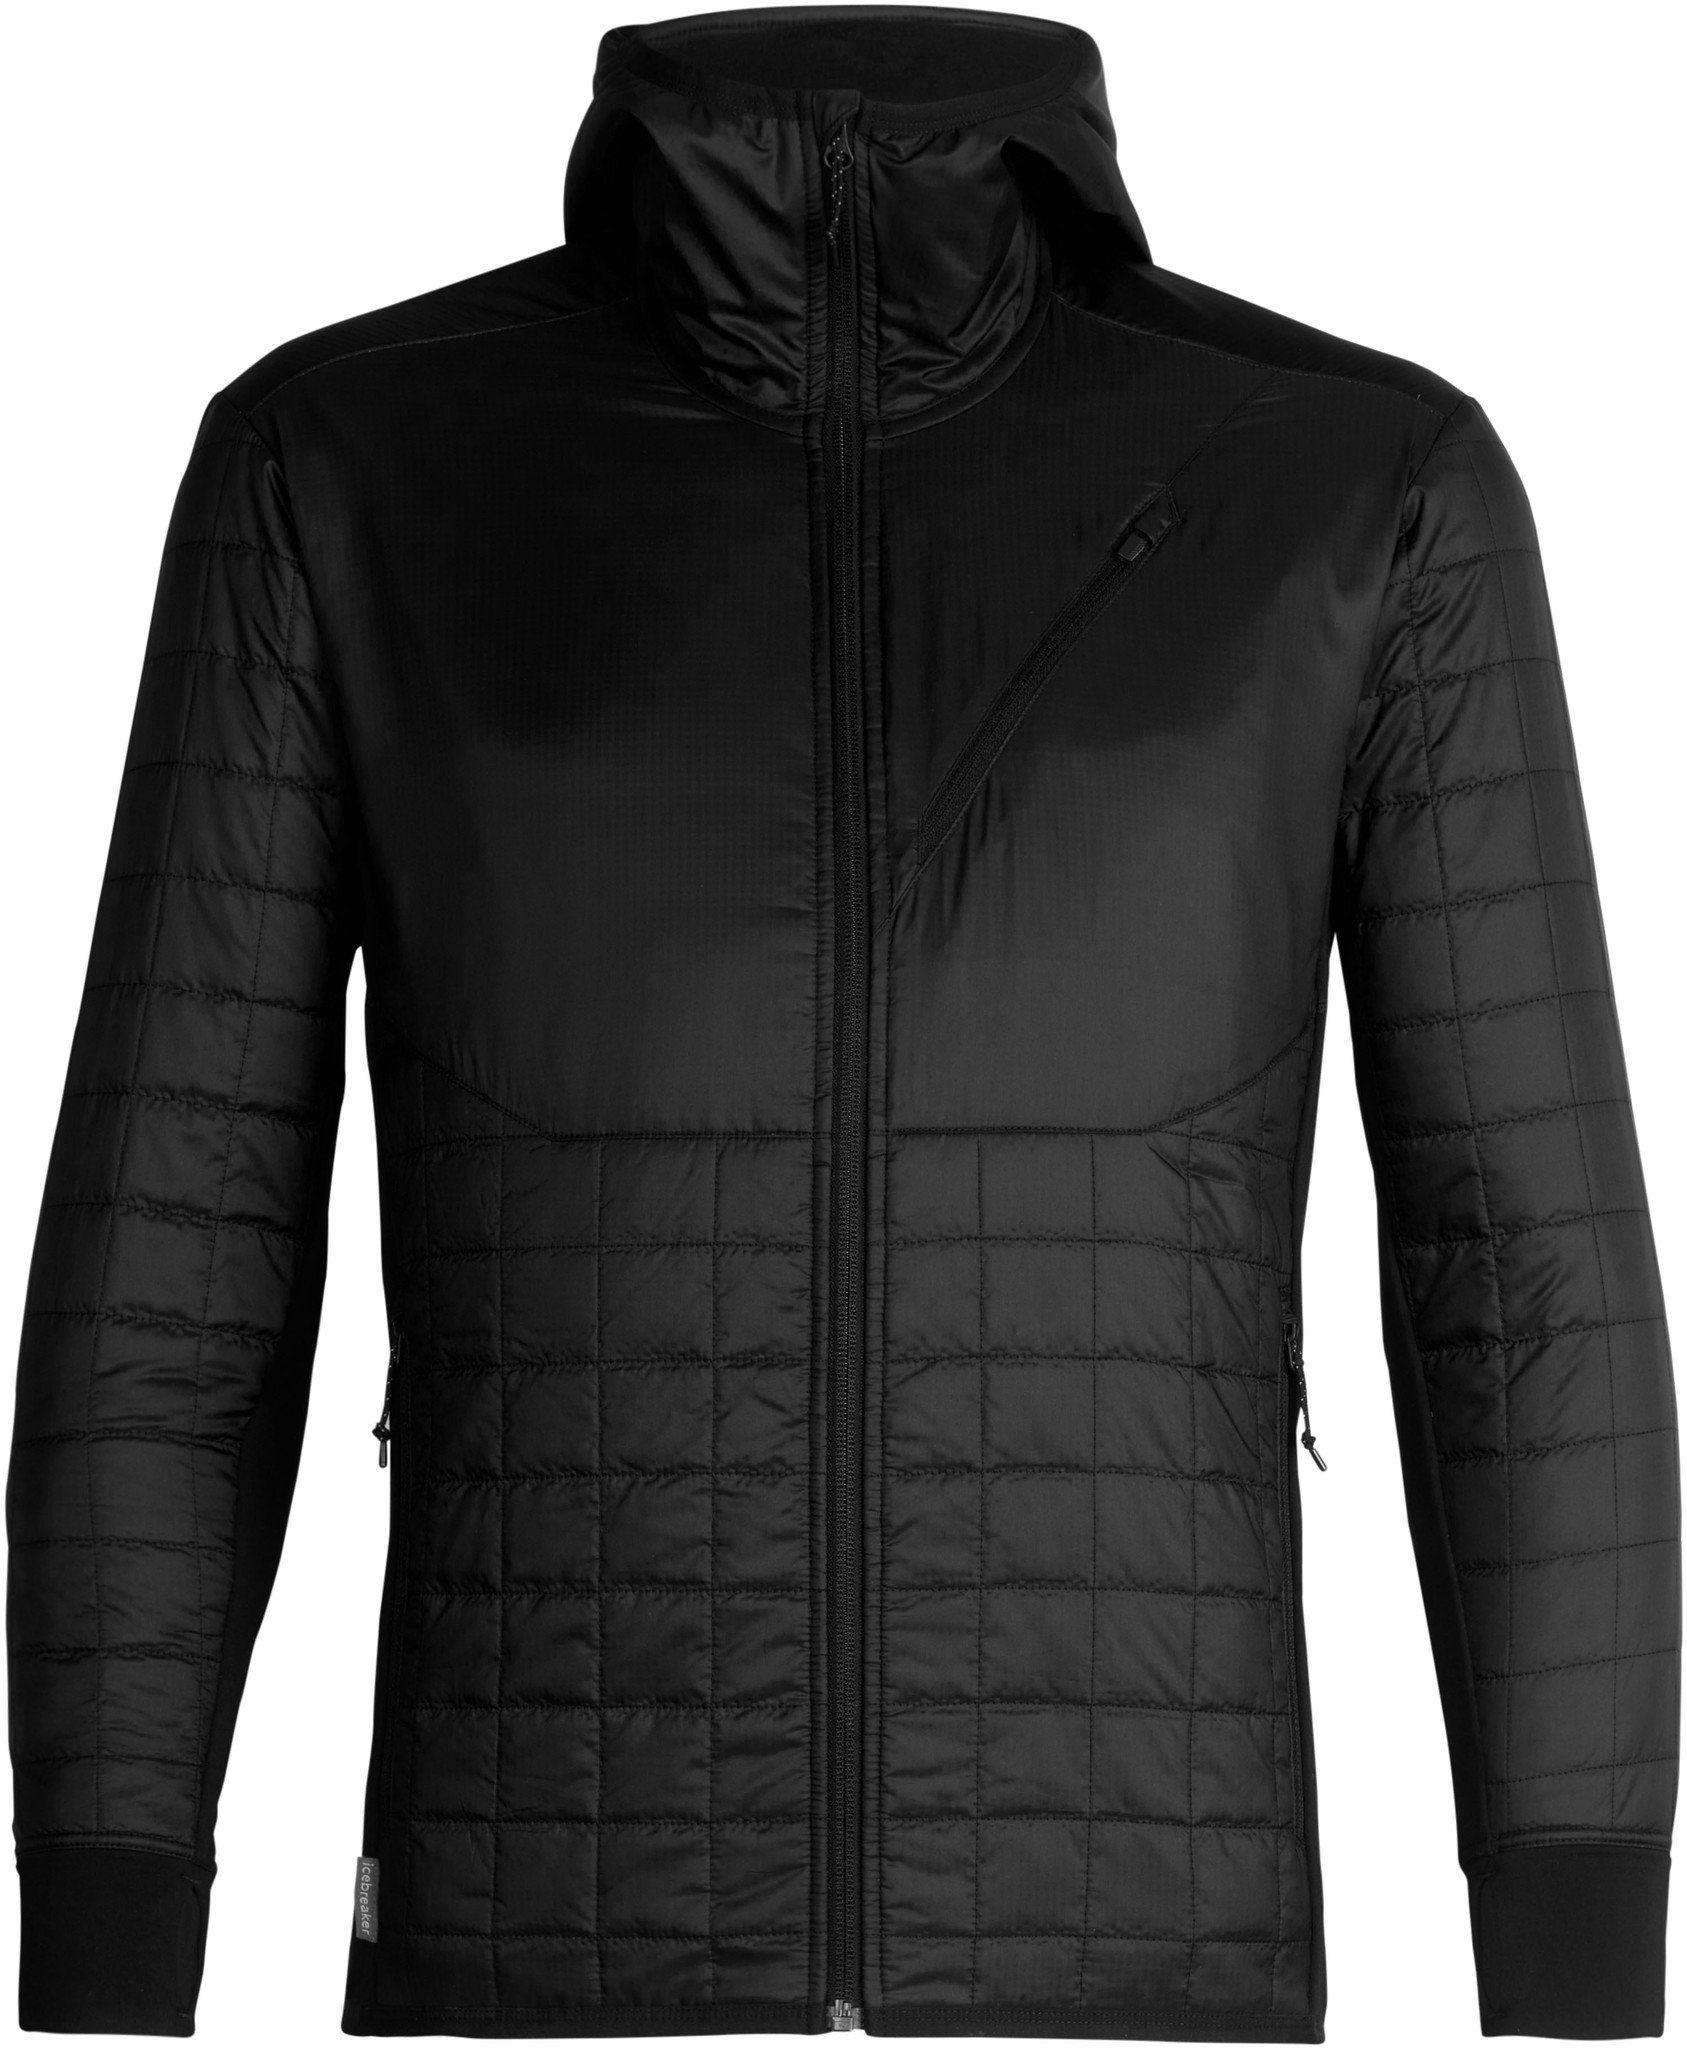 Icebreaker Outdoorjacke »Helix LS Zip Hood Jacket Herren« online kaufen   OTTO